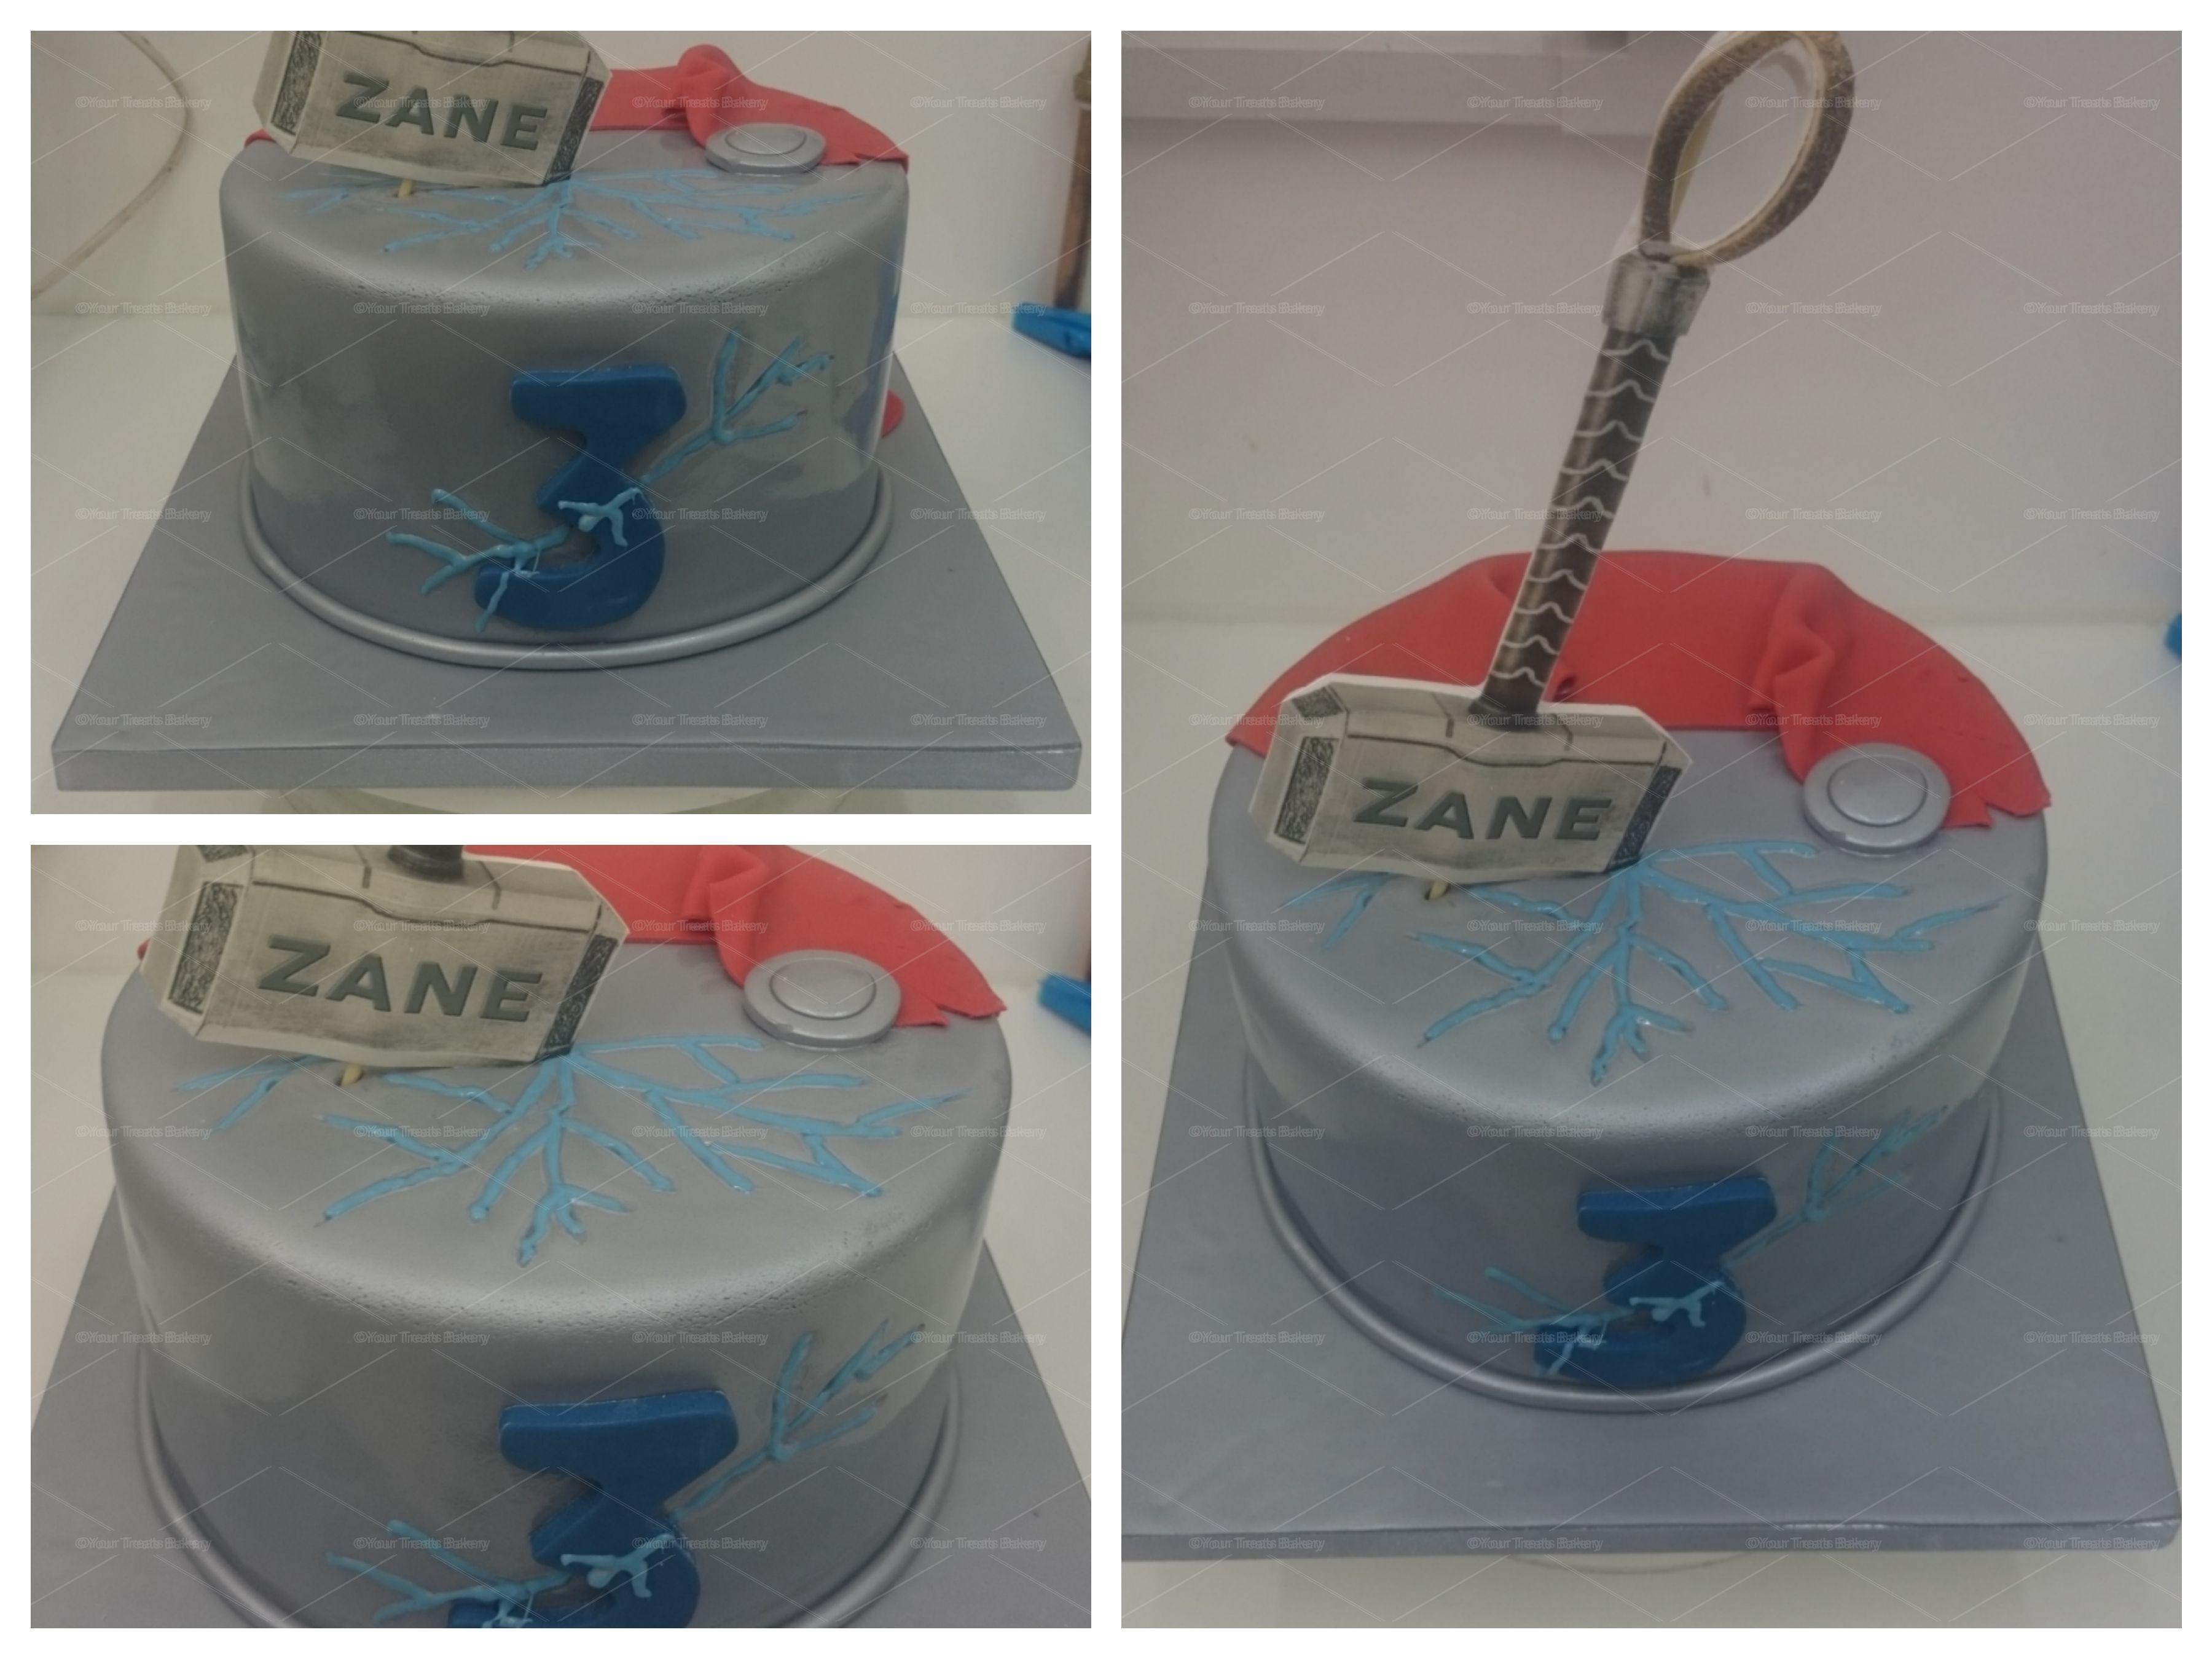 Astonishing Thor Hammer Cake Your Treats Bakery Personalised Birthday Cards Paralily Jamesorg